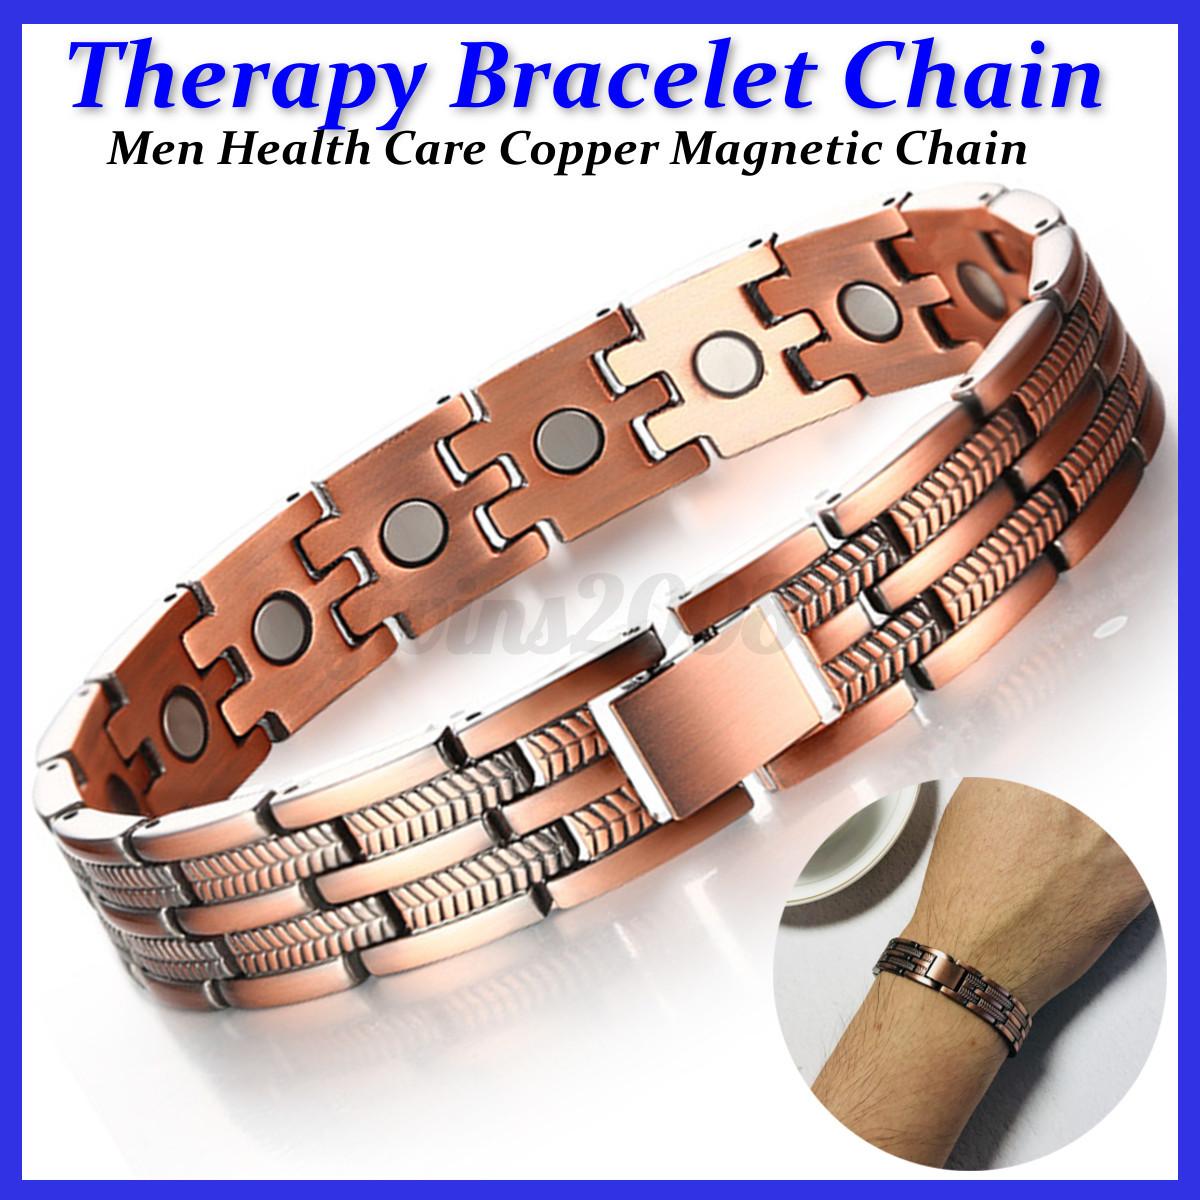 Cuivre-Acier-inoxydable-Therapie-Magnetique-Energie-Bracelet-Bangle-Soins-Sante miniature 14